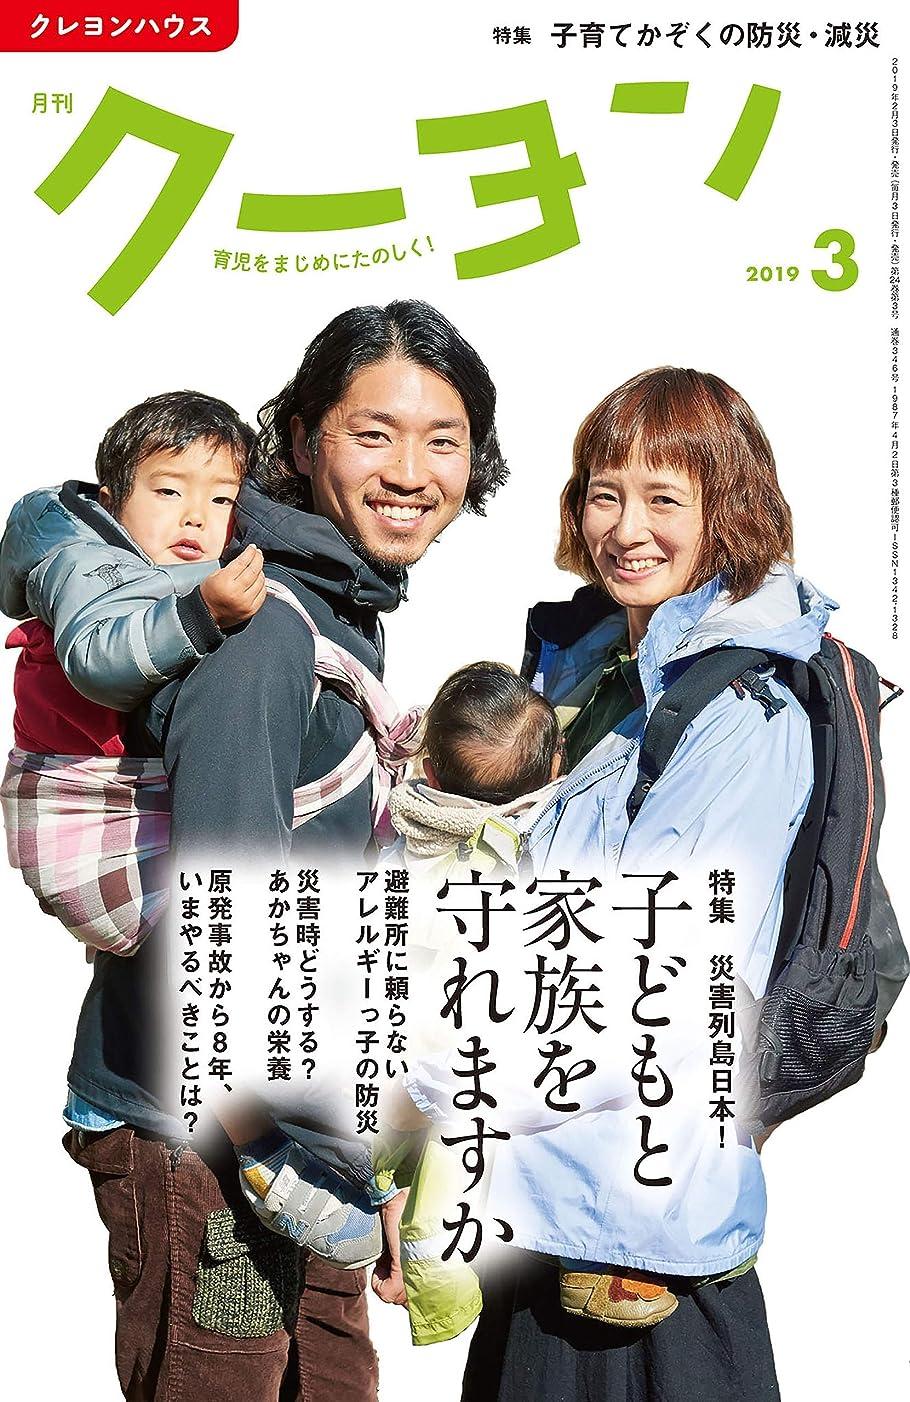 操作スタイルペースト月刊 クーヨン 2019年 03月号 [雑誌]